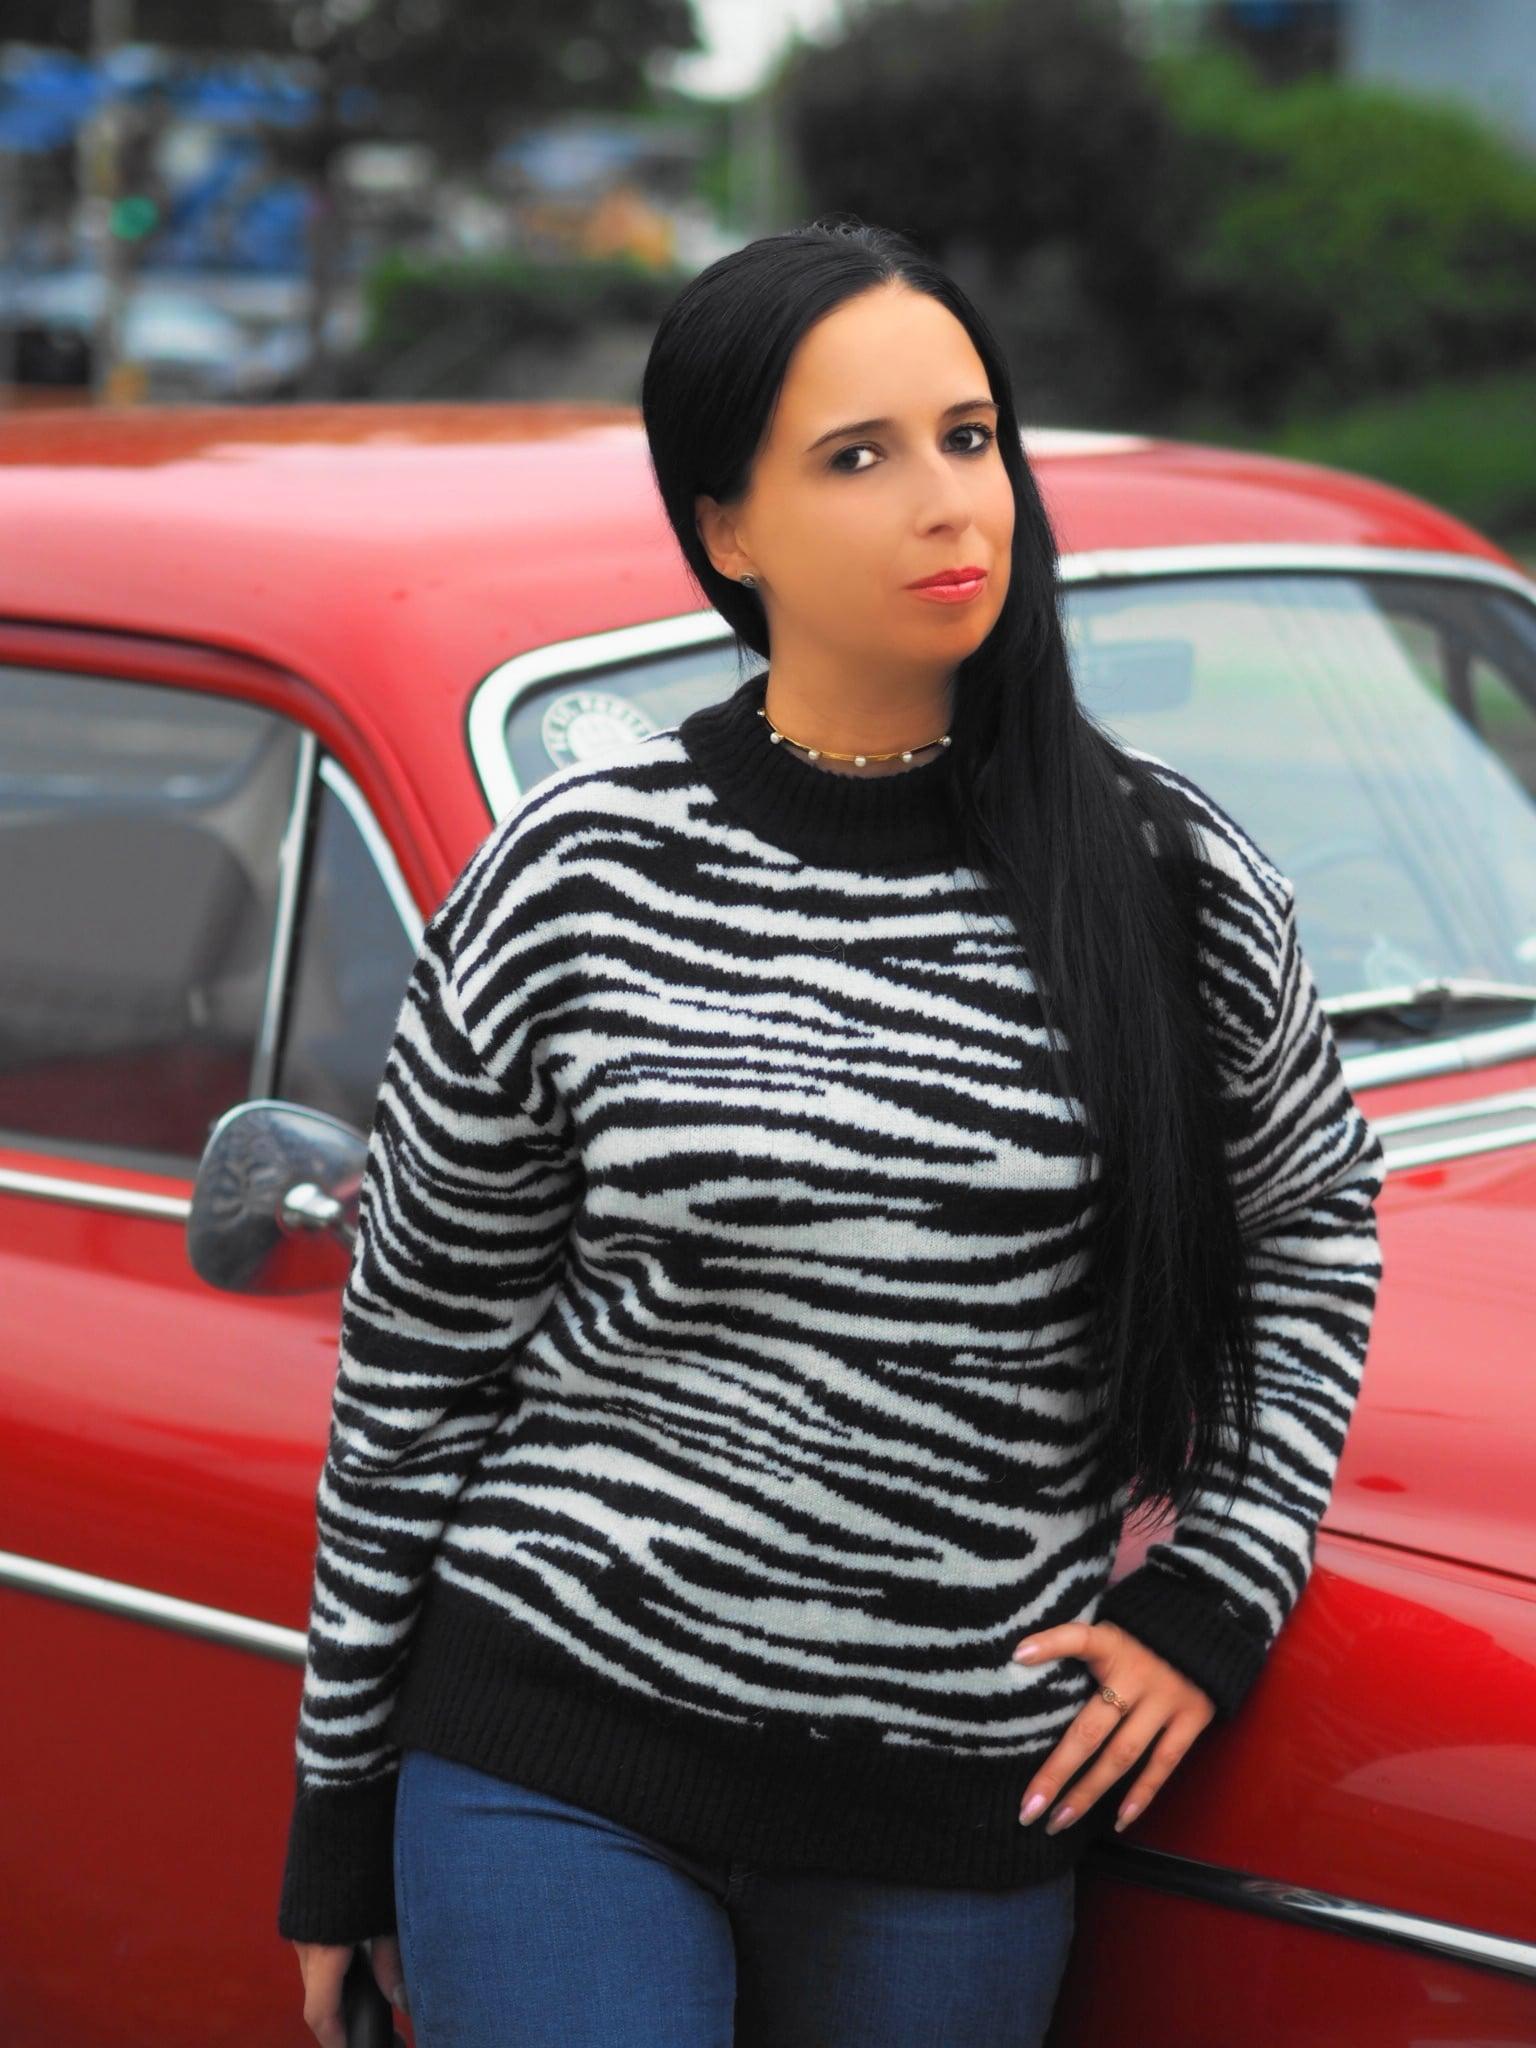 Mein NA-KD Autumn Style mit Rabattcode ist ein echtes Fashion Highlight. Mit der Aviator Jacke und Boots ist man bestens für regnerische Herbsttage gerüstet